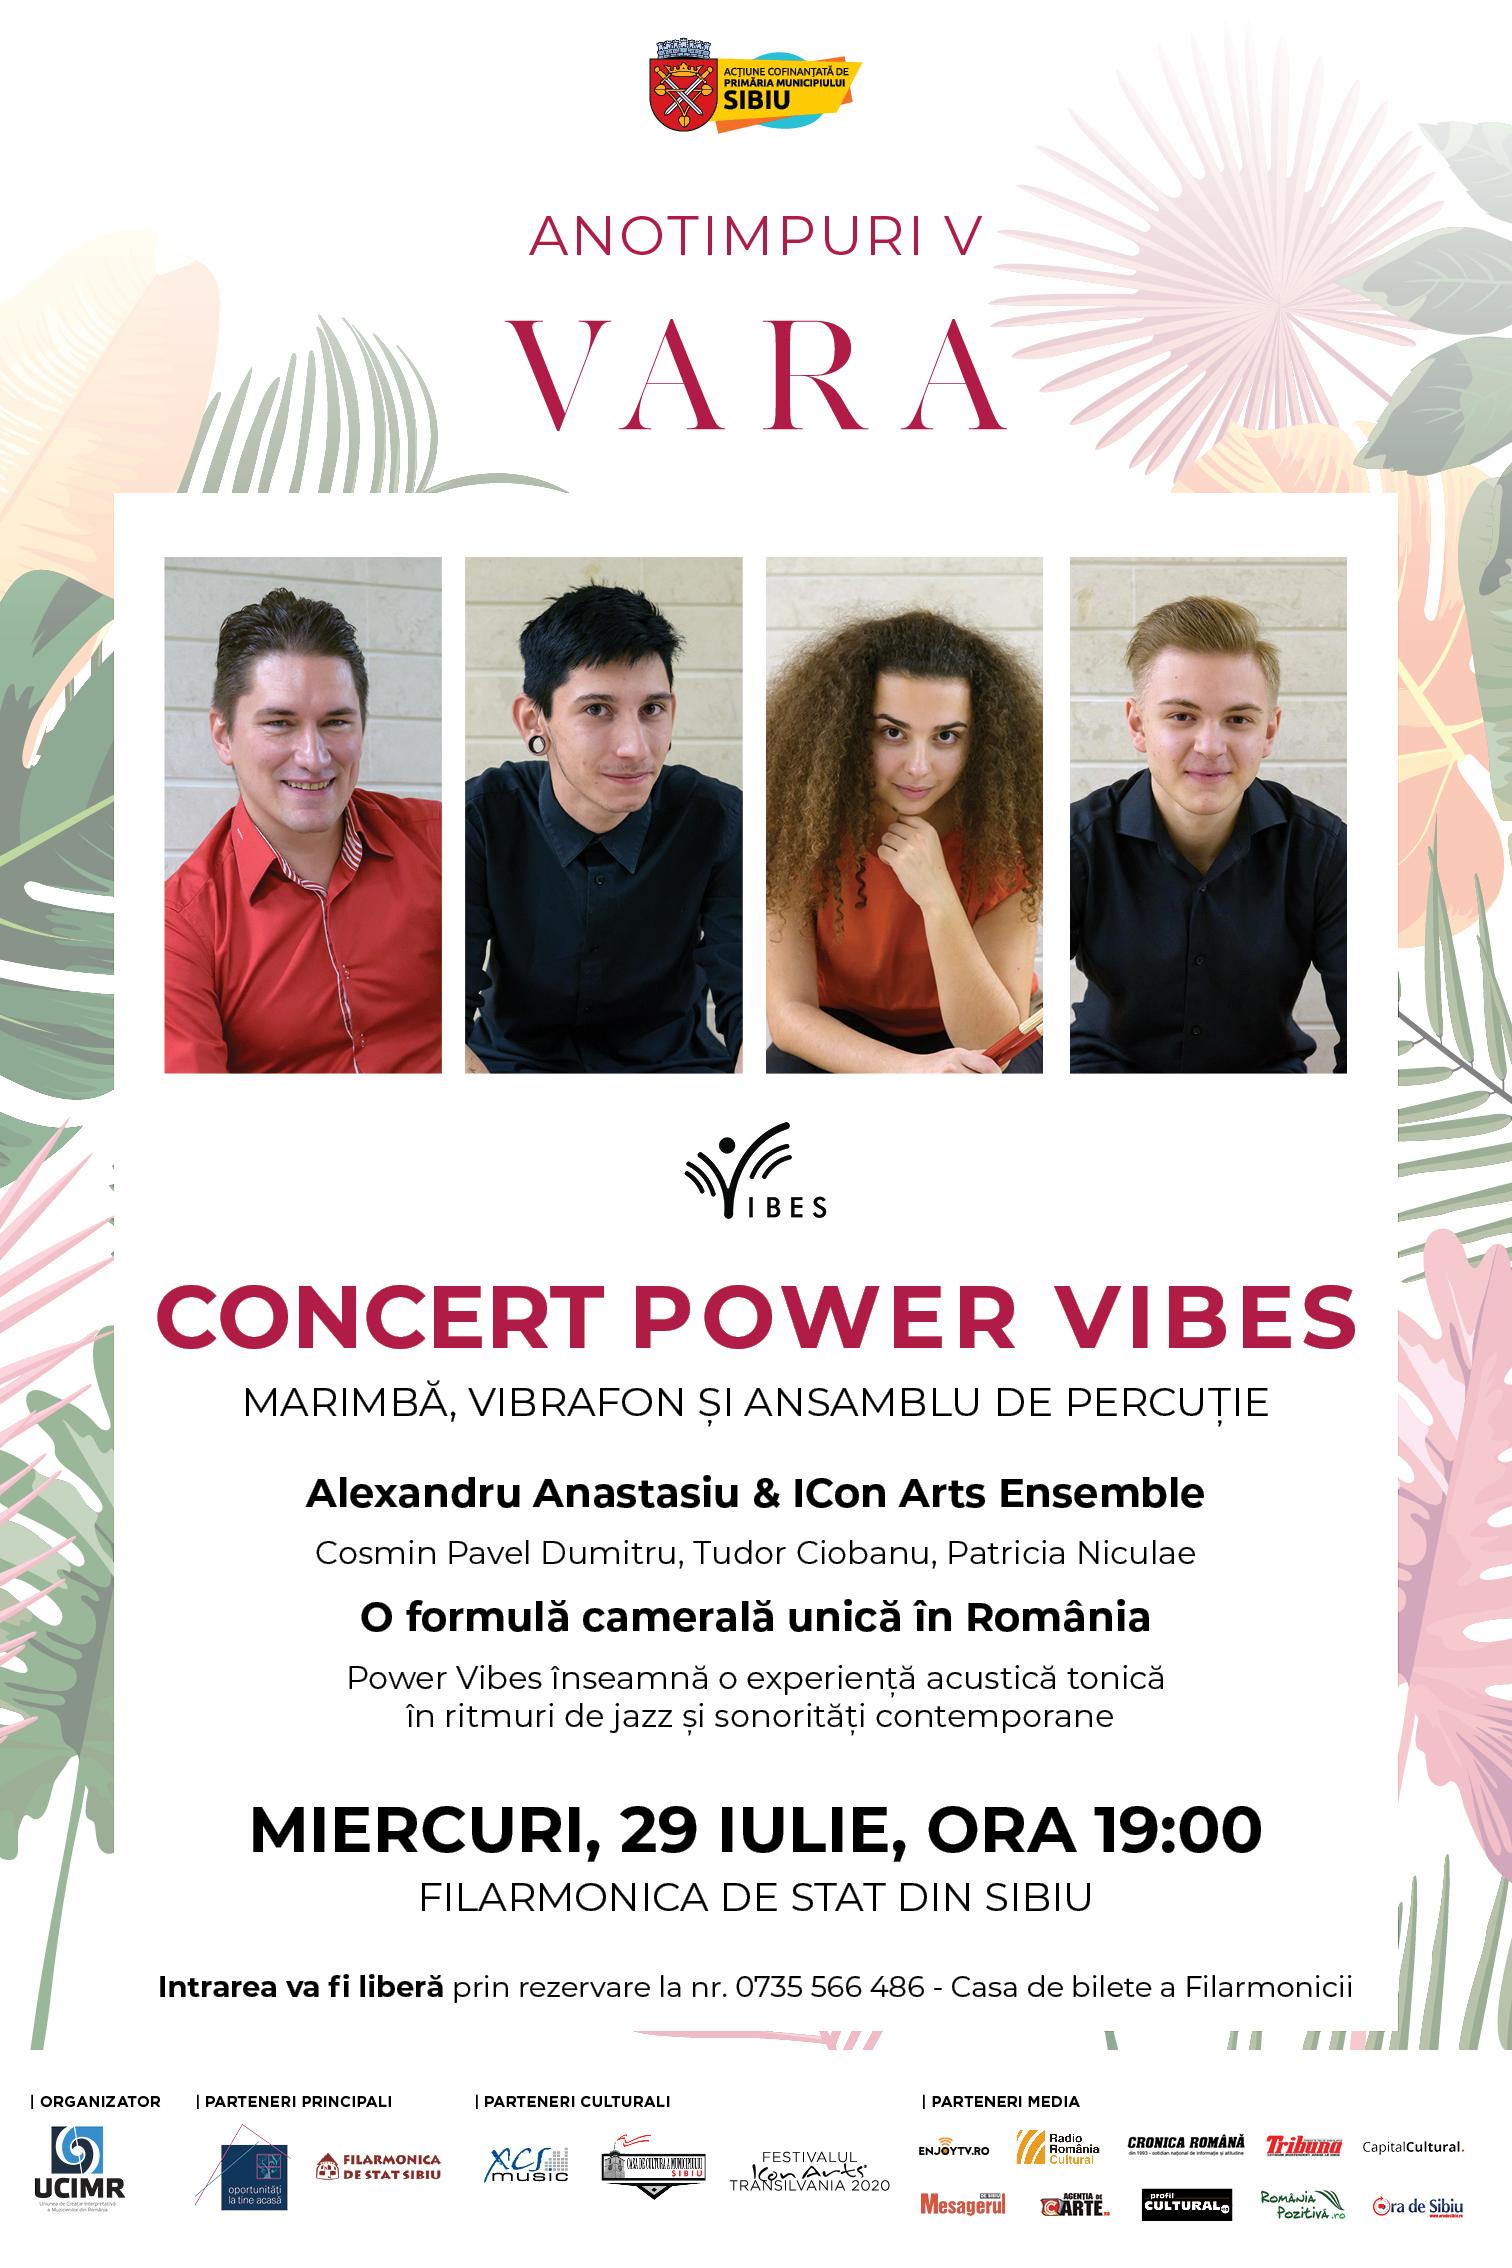 Alexandru Anastasiu & ICon Arts Ensemble concertează pe Esplanada Filarmonicii Sălii Thalia